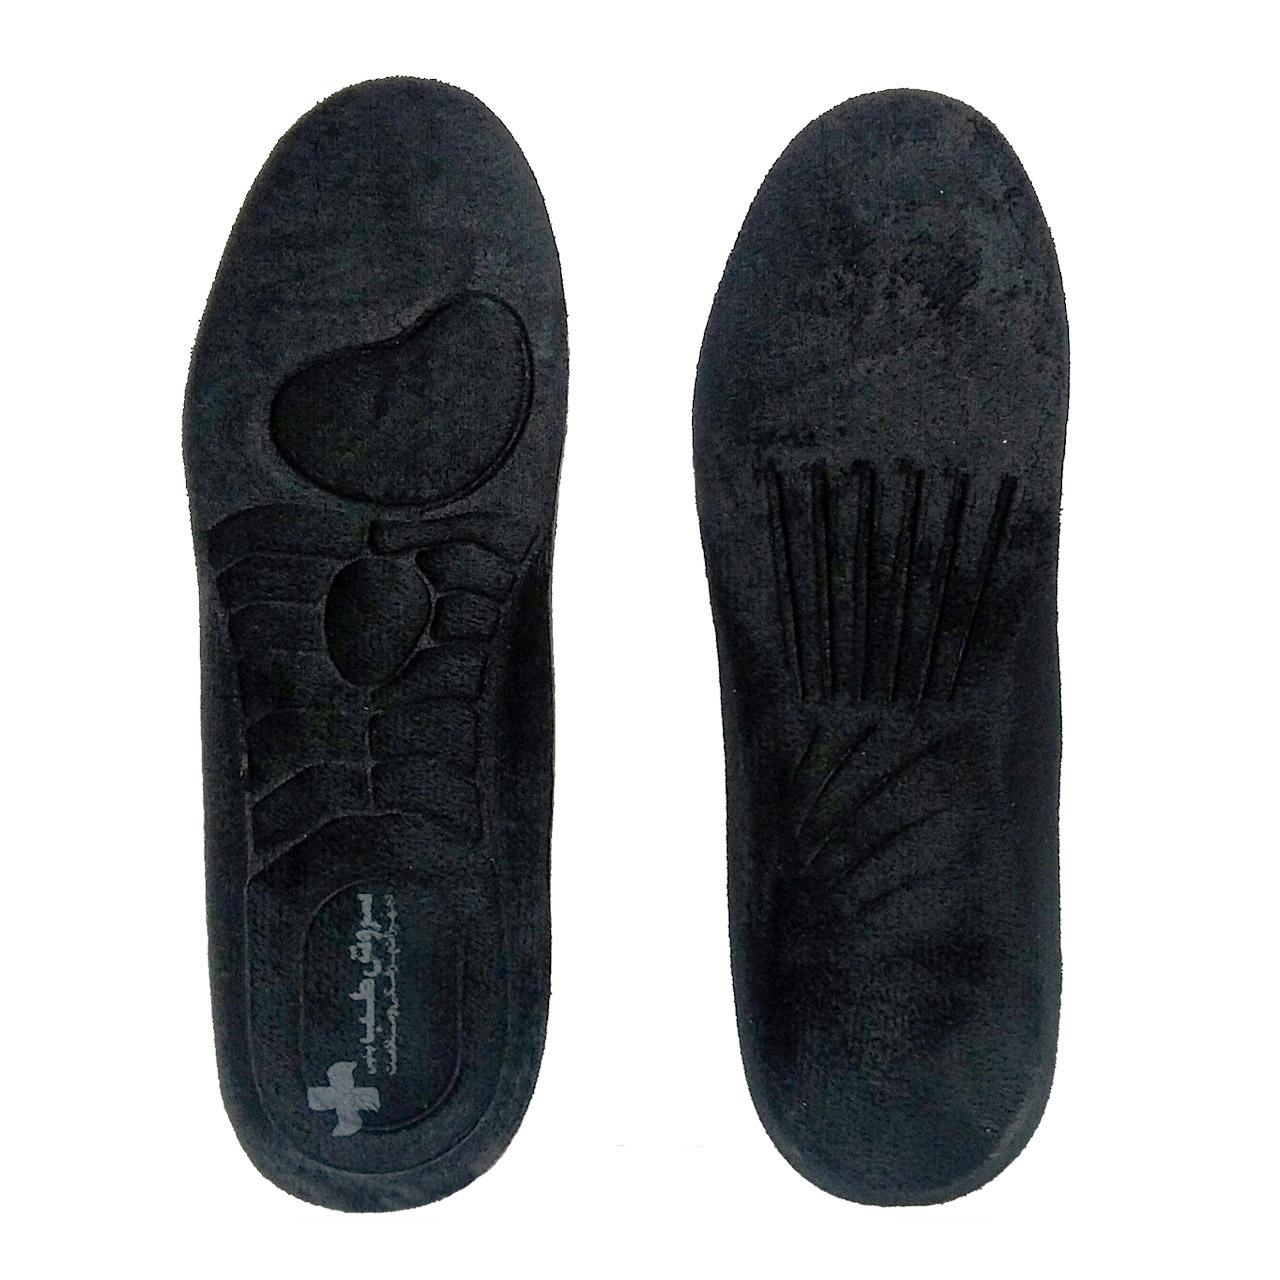 کفش مخصوص پیاده روی زنانه کد S203